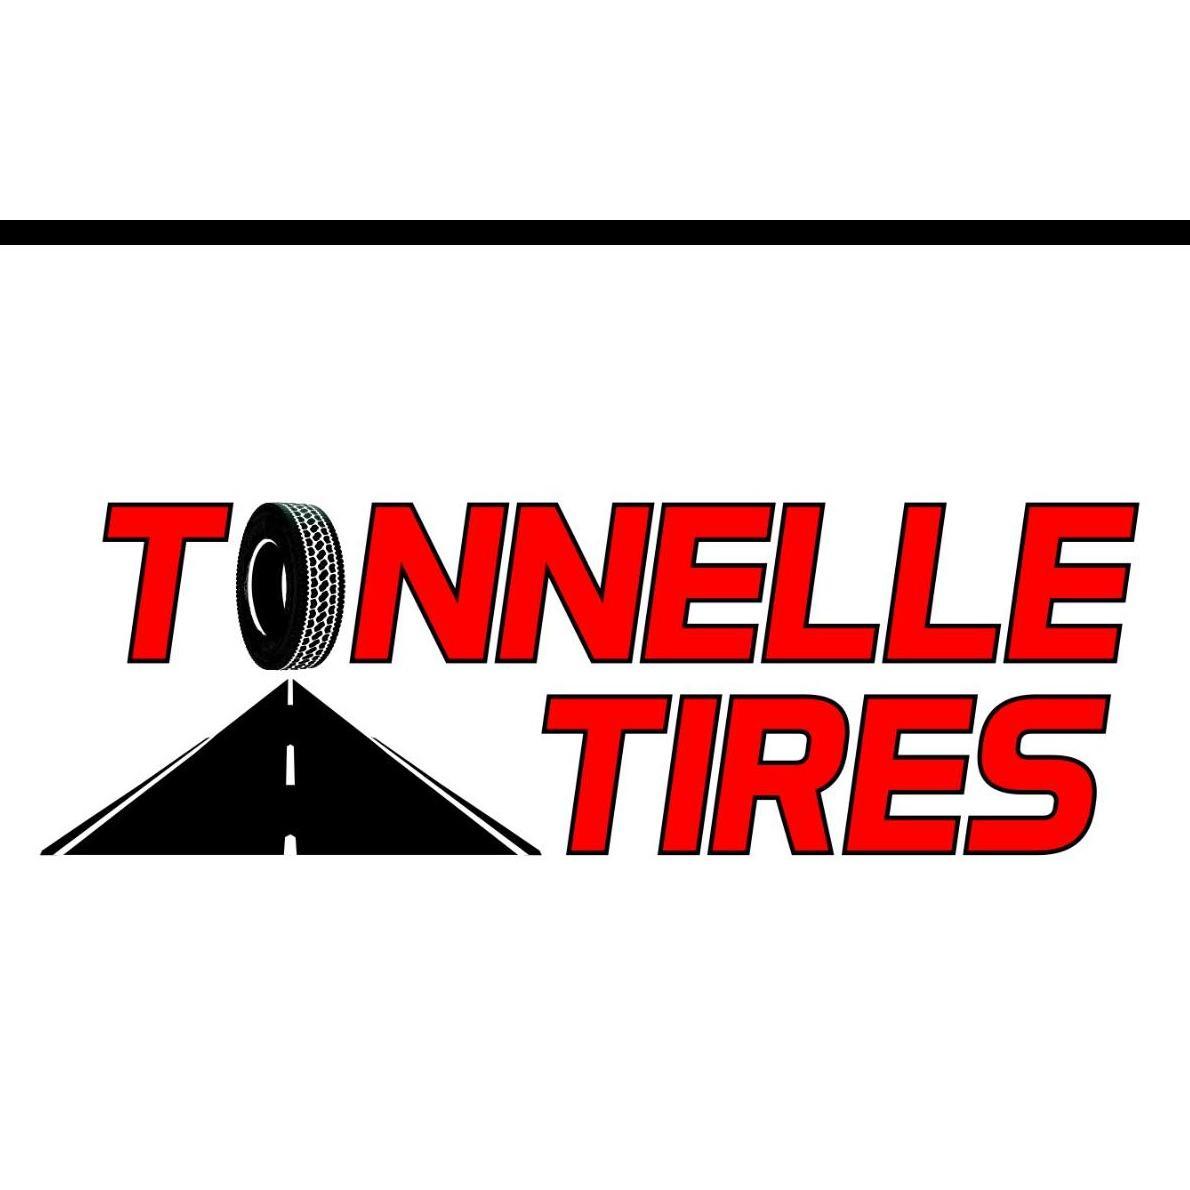 TONNELLE TIRE SERVICE